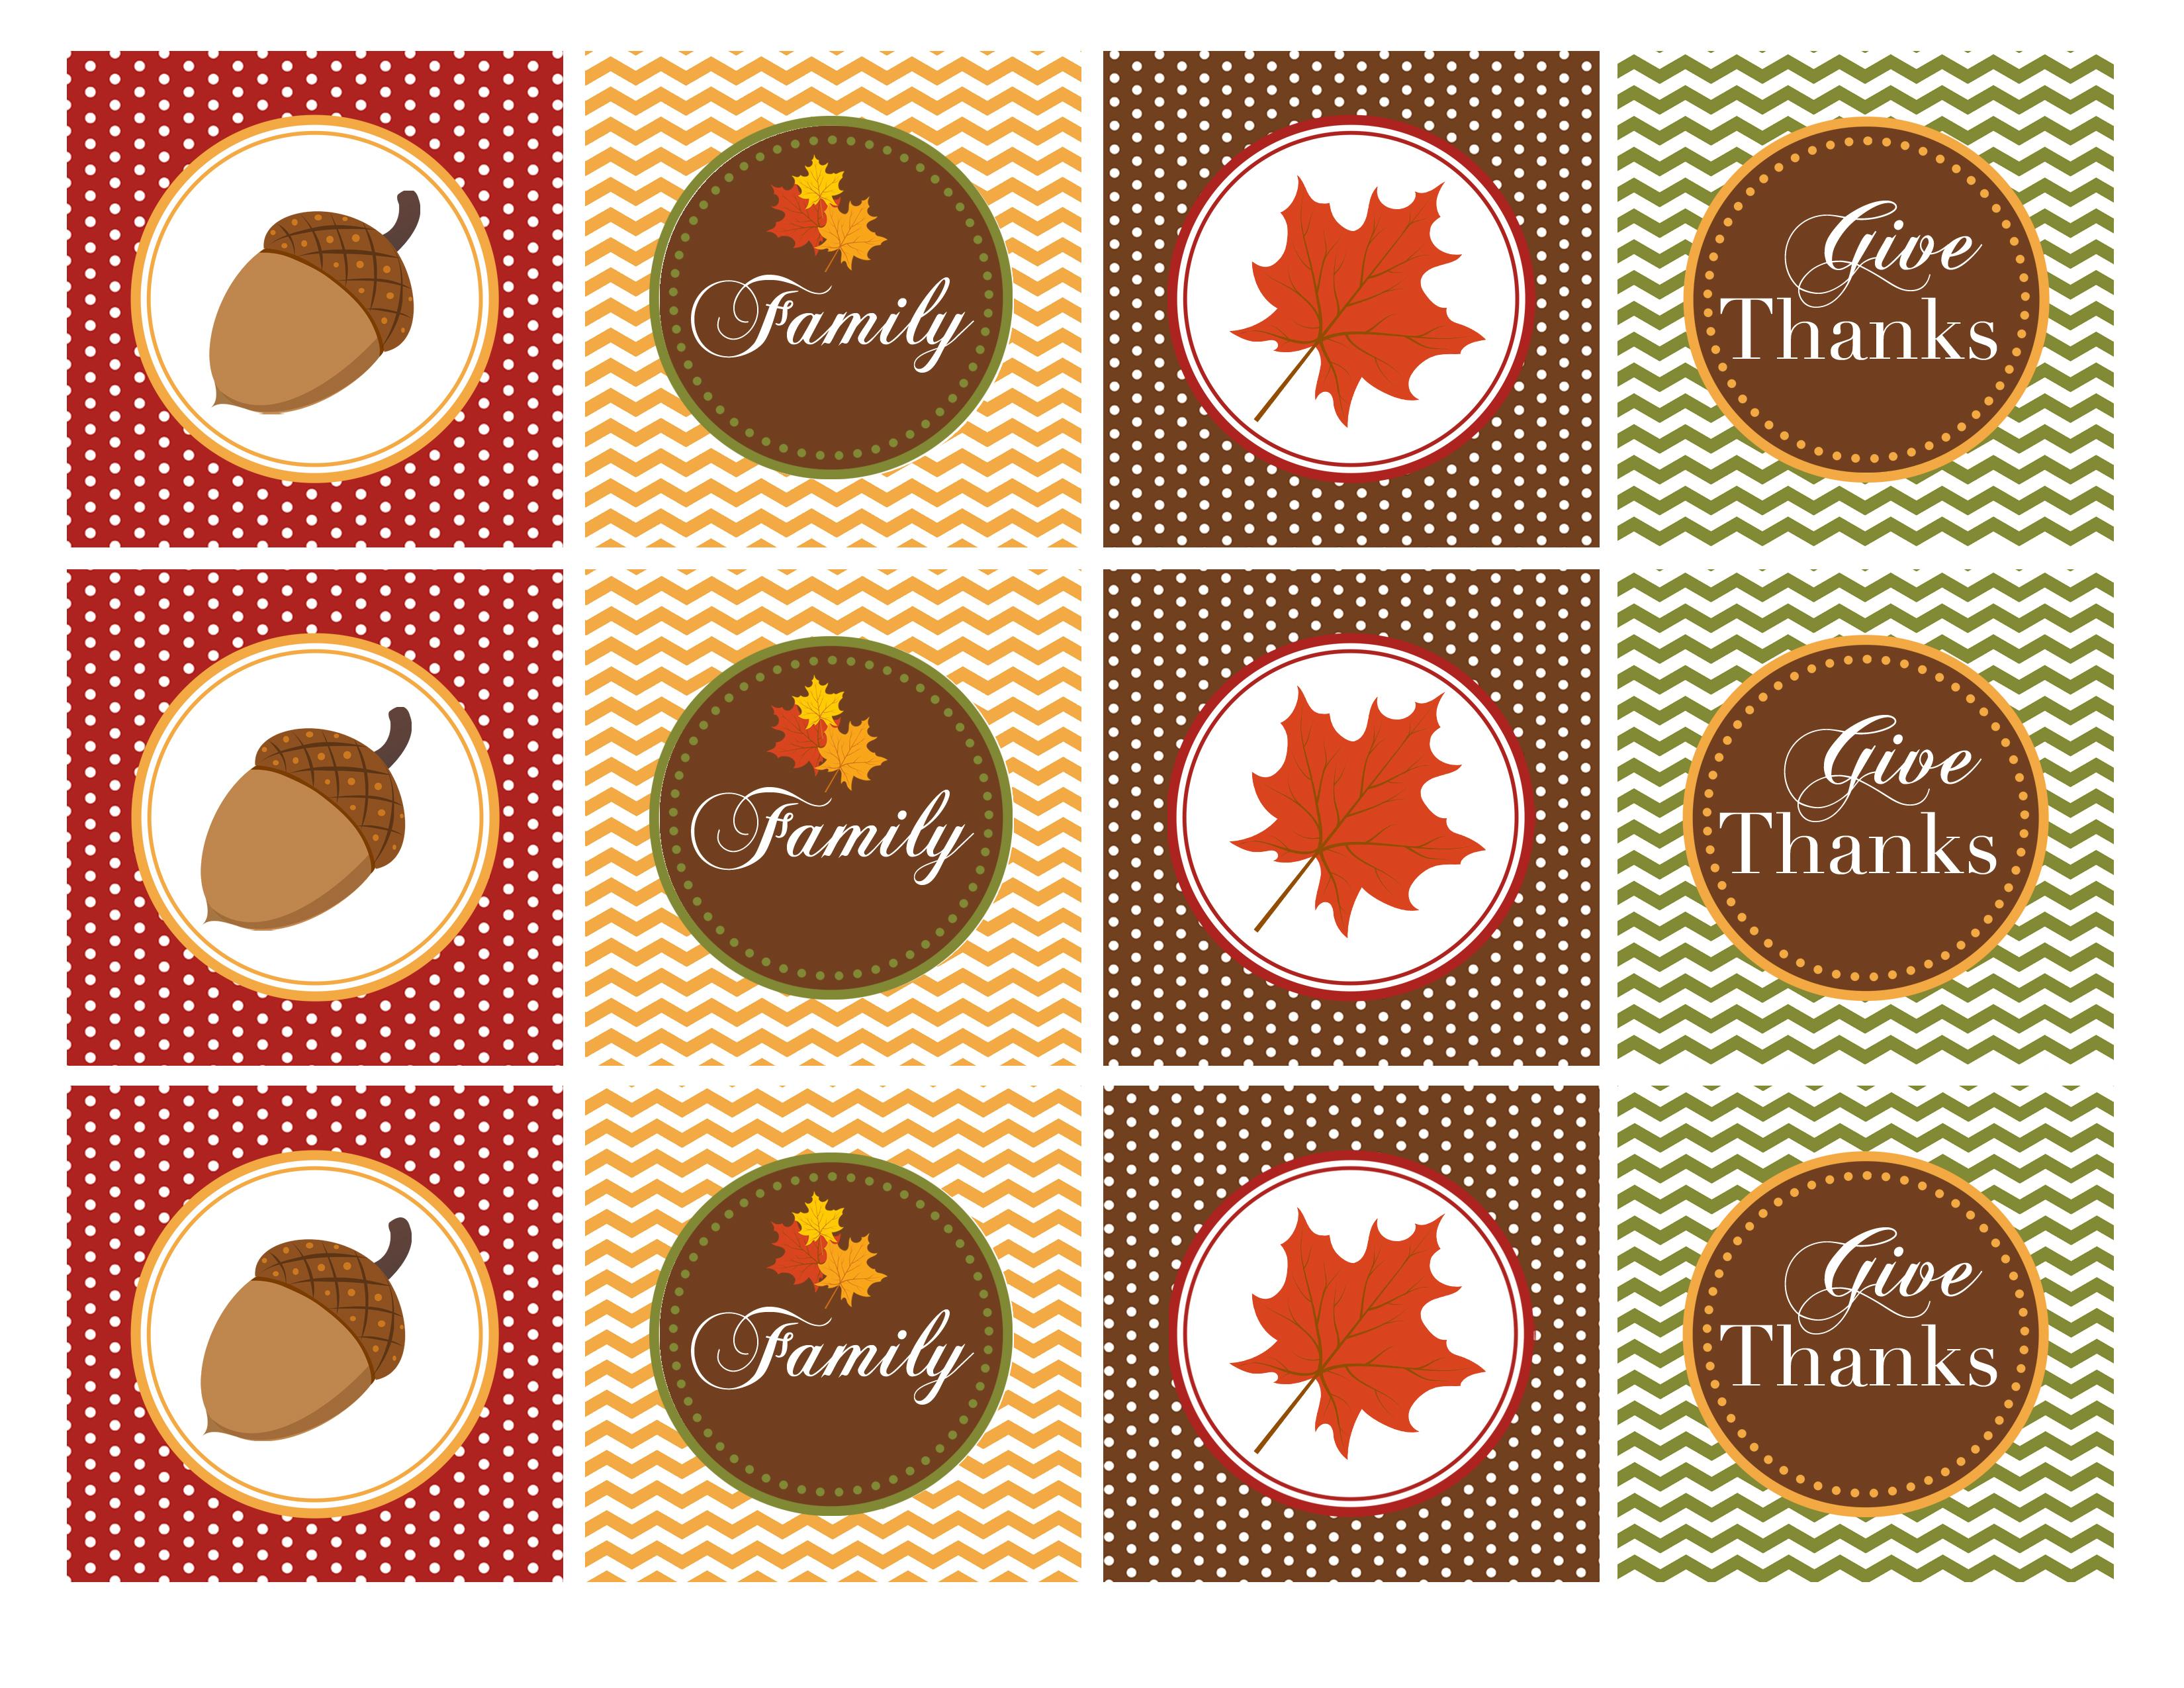 9 Turkey Cupcakes Topper Free Print Photo - Free Thanksgiving - Thanksgiving Cupcake Toppers Printable Free